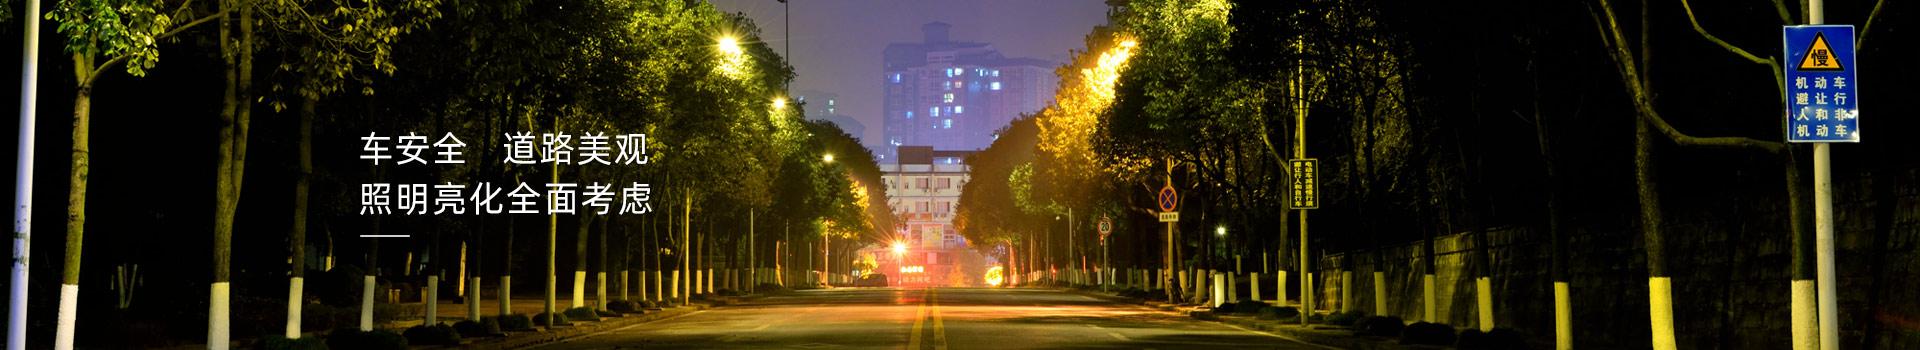 道路亮化照明,安全美观全面考虑